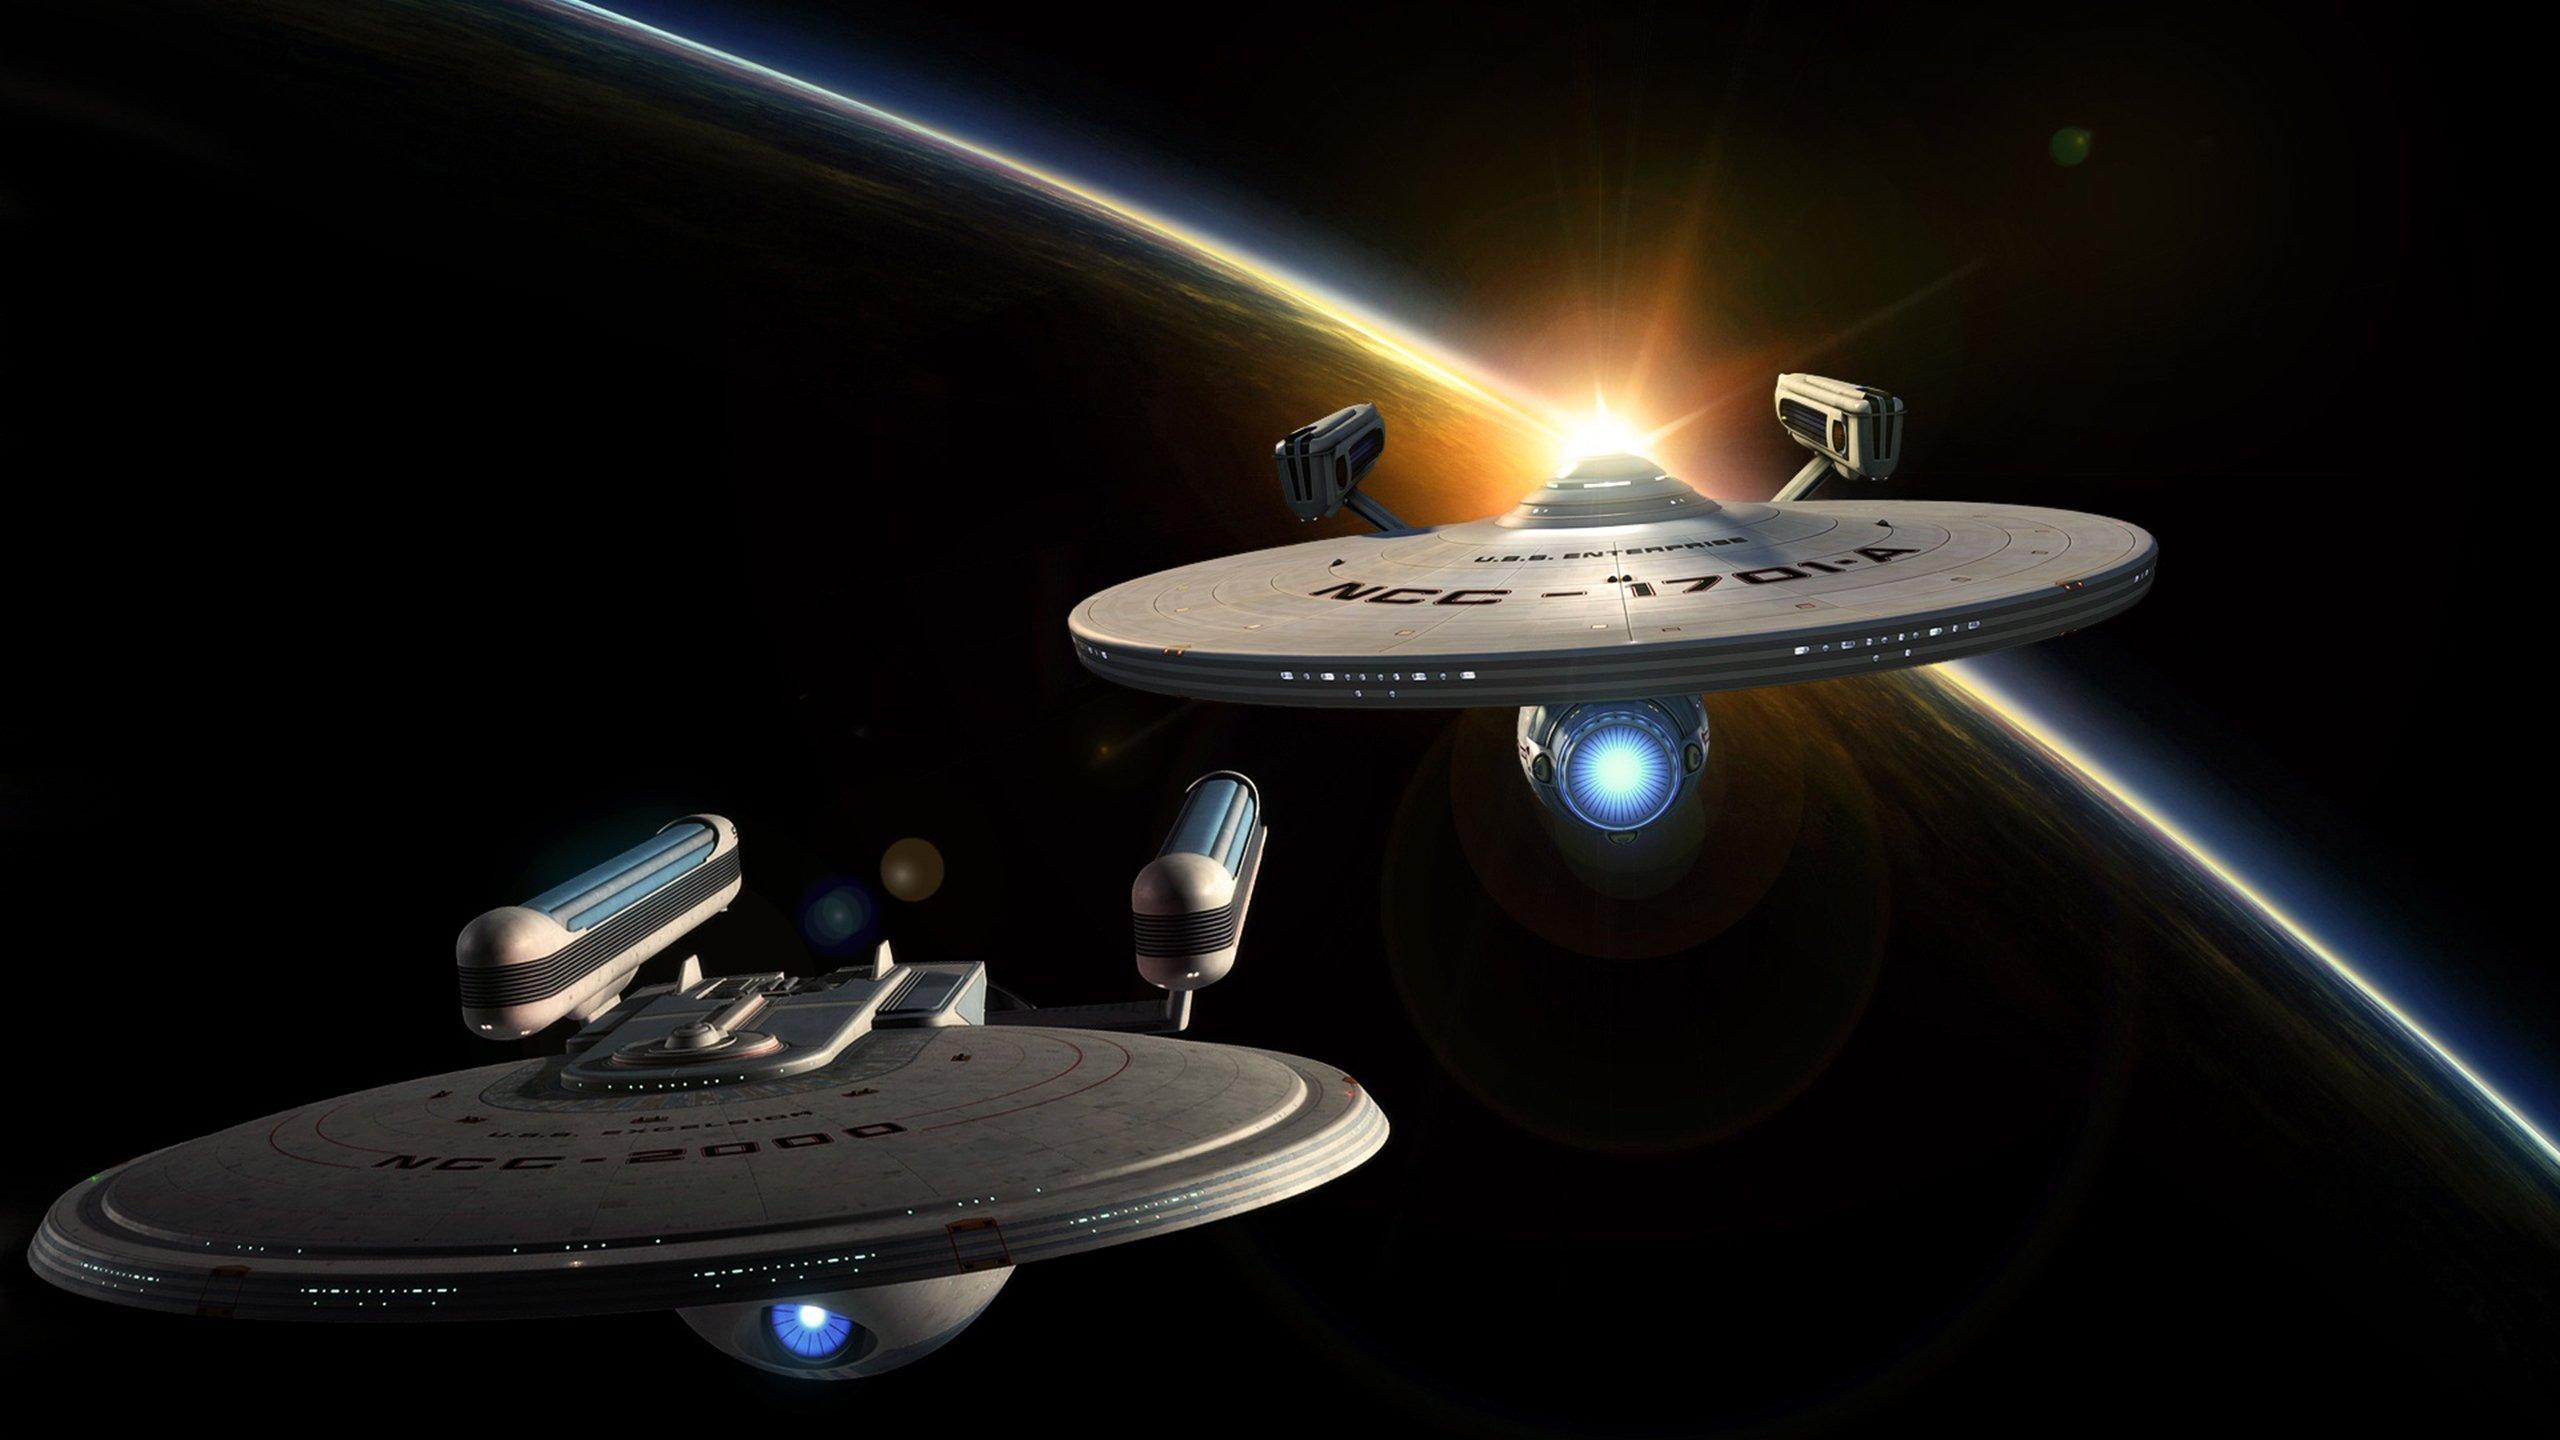 Uss Constitution Wallpaper Star Trek Ships wallpa...